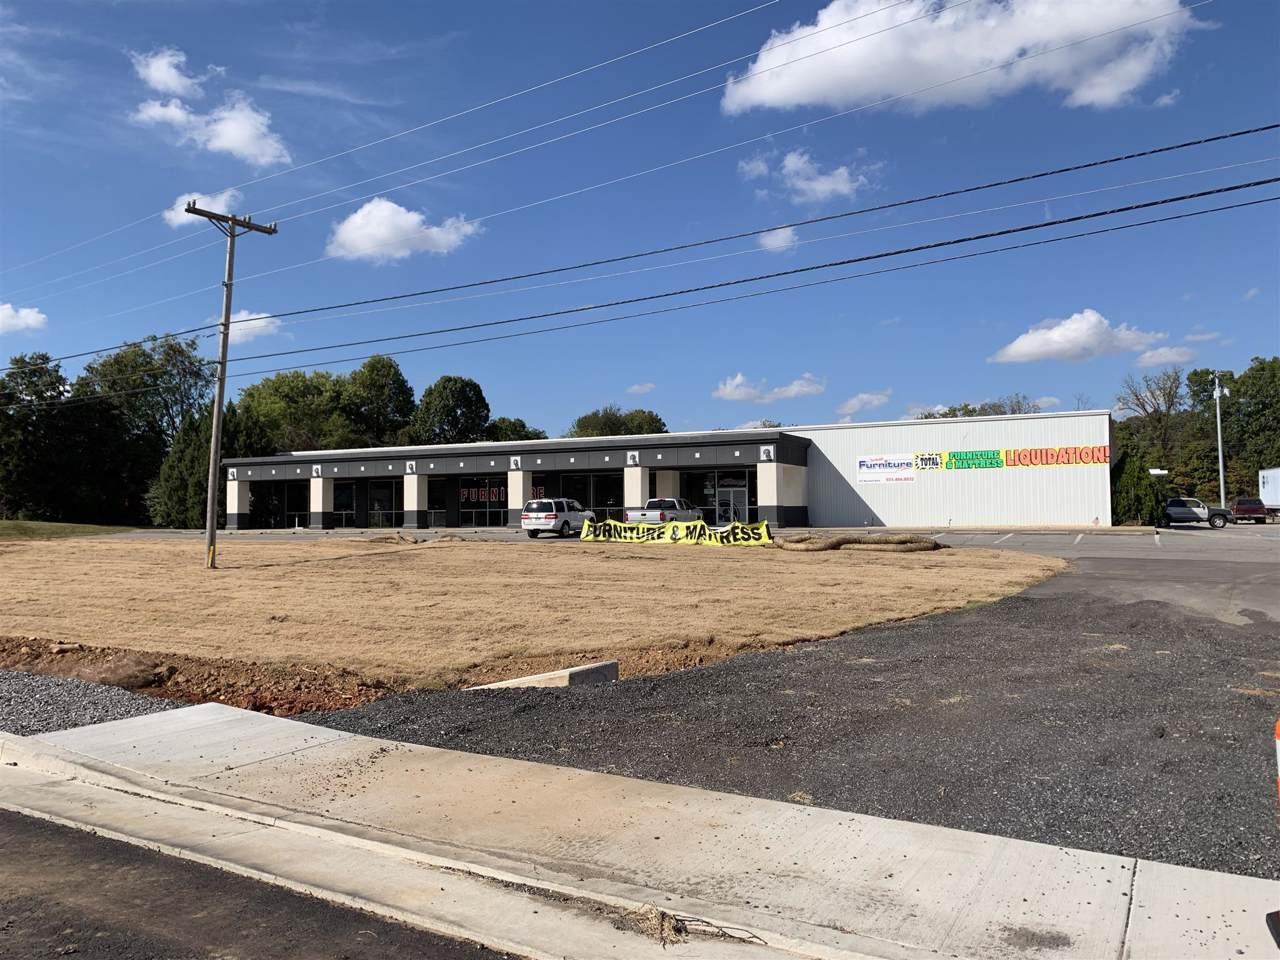 327 Warfield Blvd - Photo 1